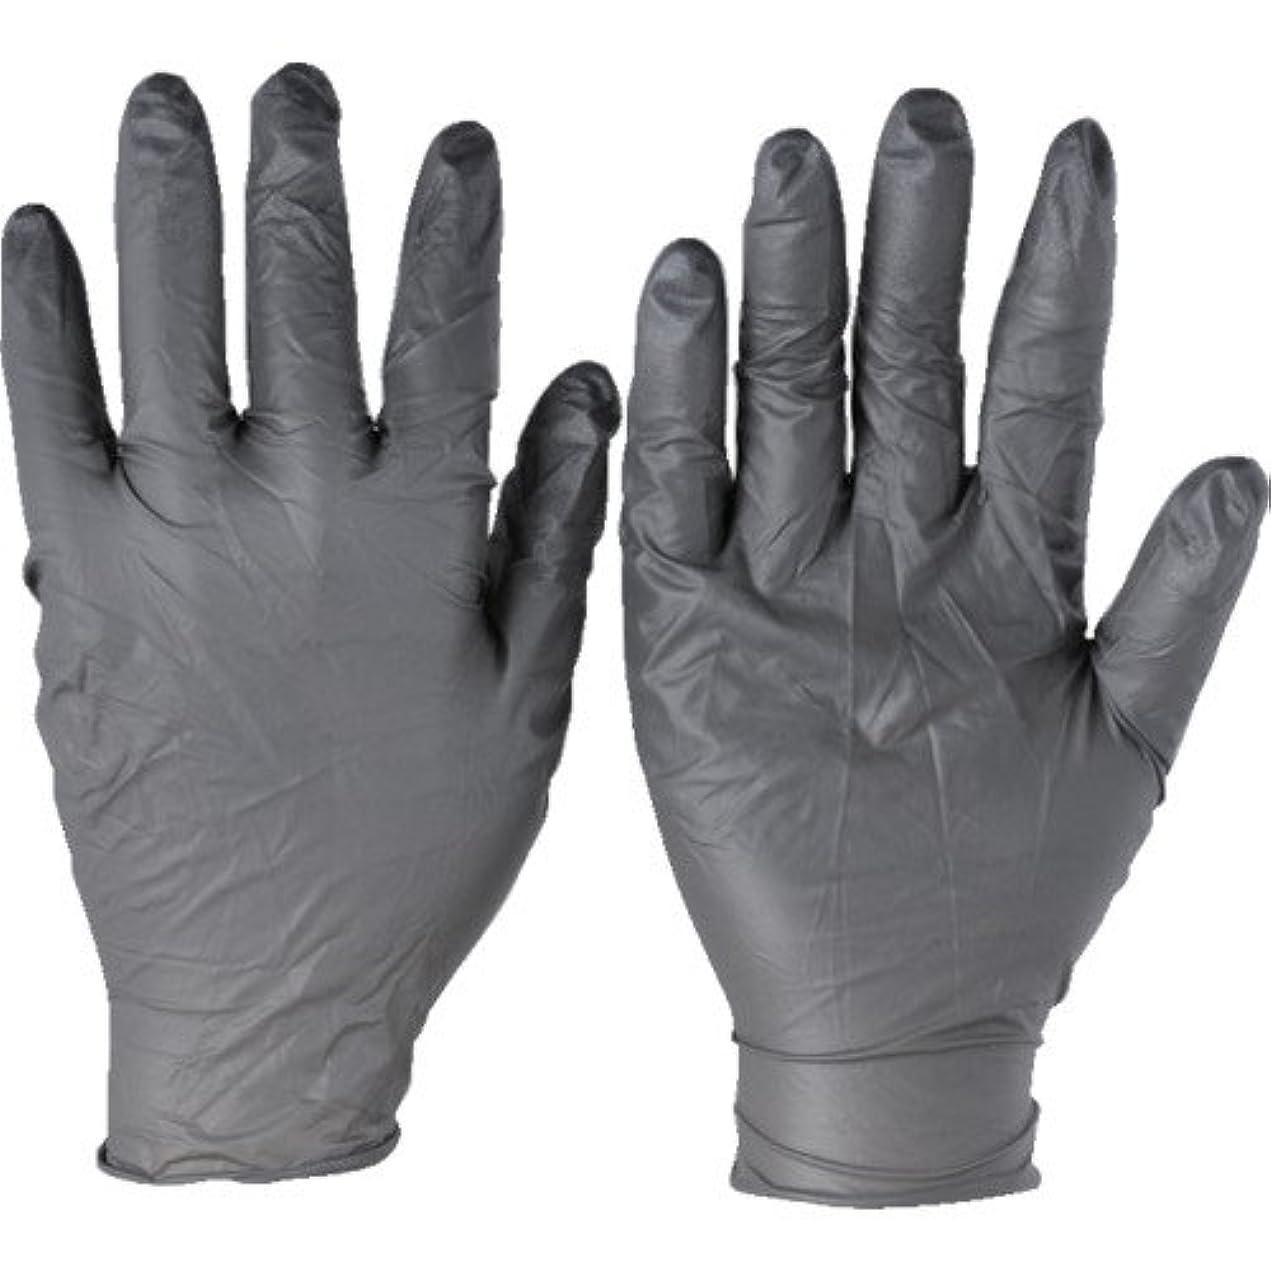 手段湿地マガジントラスコ中山 アンセル ニトリルゴム使い捨て手袋 タッチエヌタフ 粉無 Mサイズ 100枚入 932508